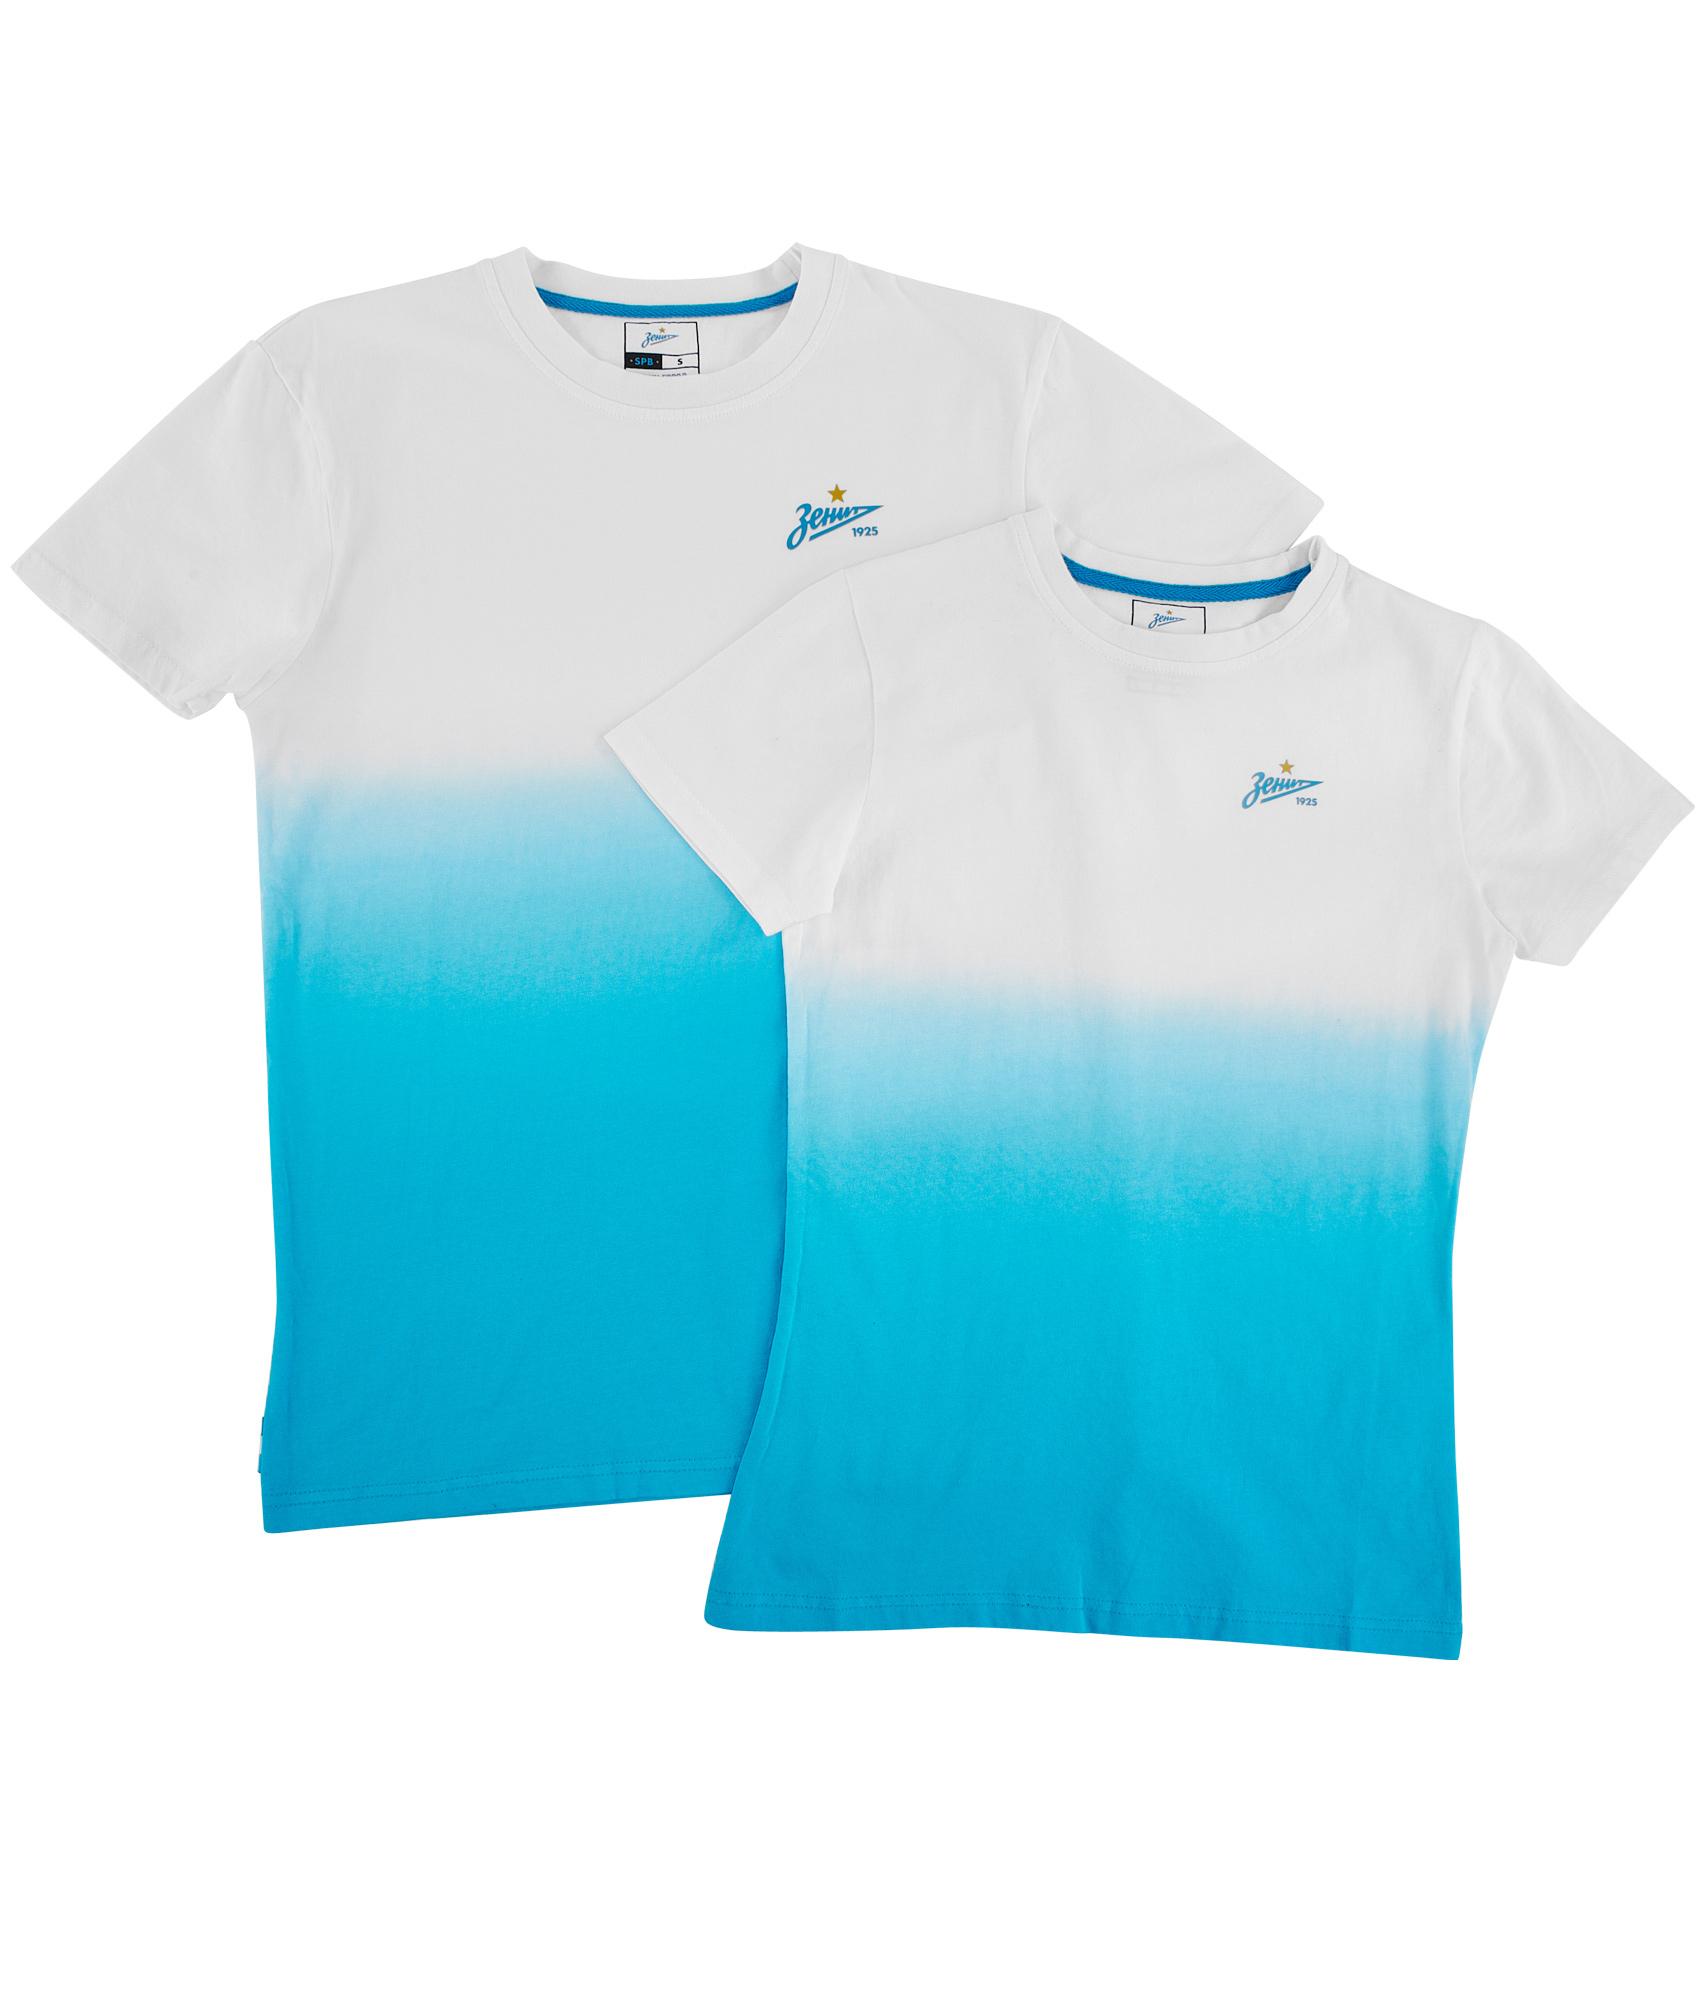 Фото - Набор футболок для пары Градиент Зенит набор наклеек татуировок фк зенит детский зенит